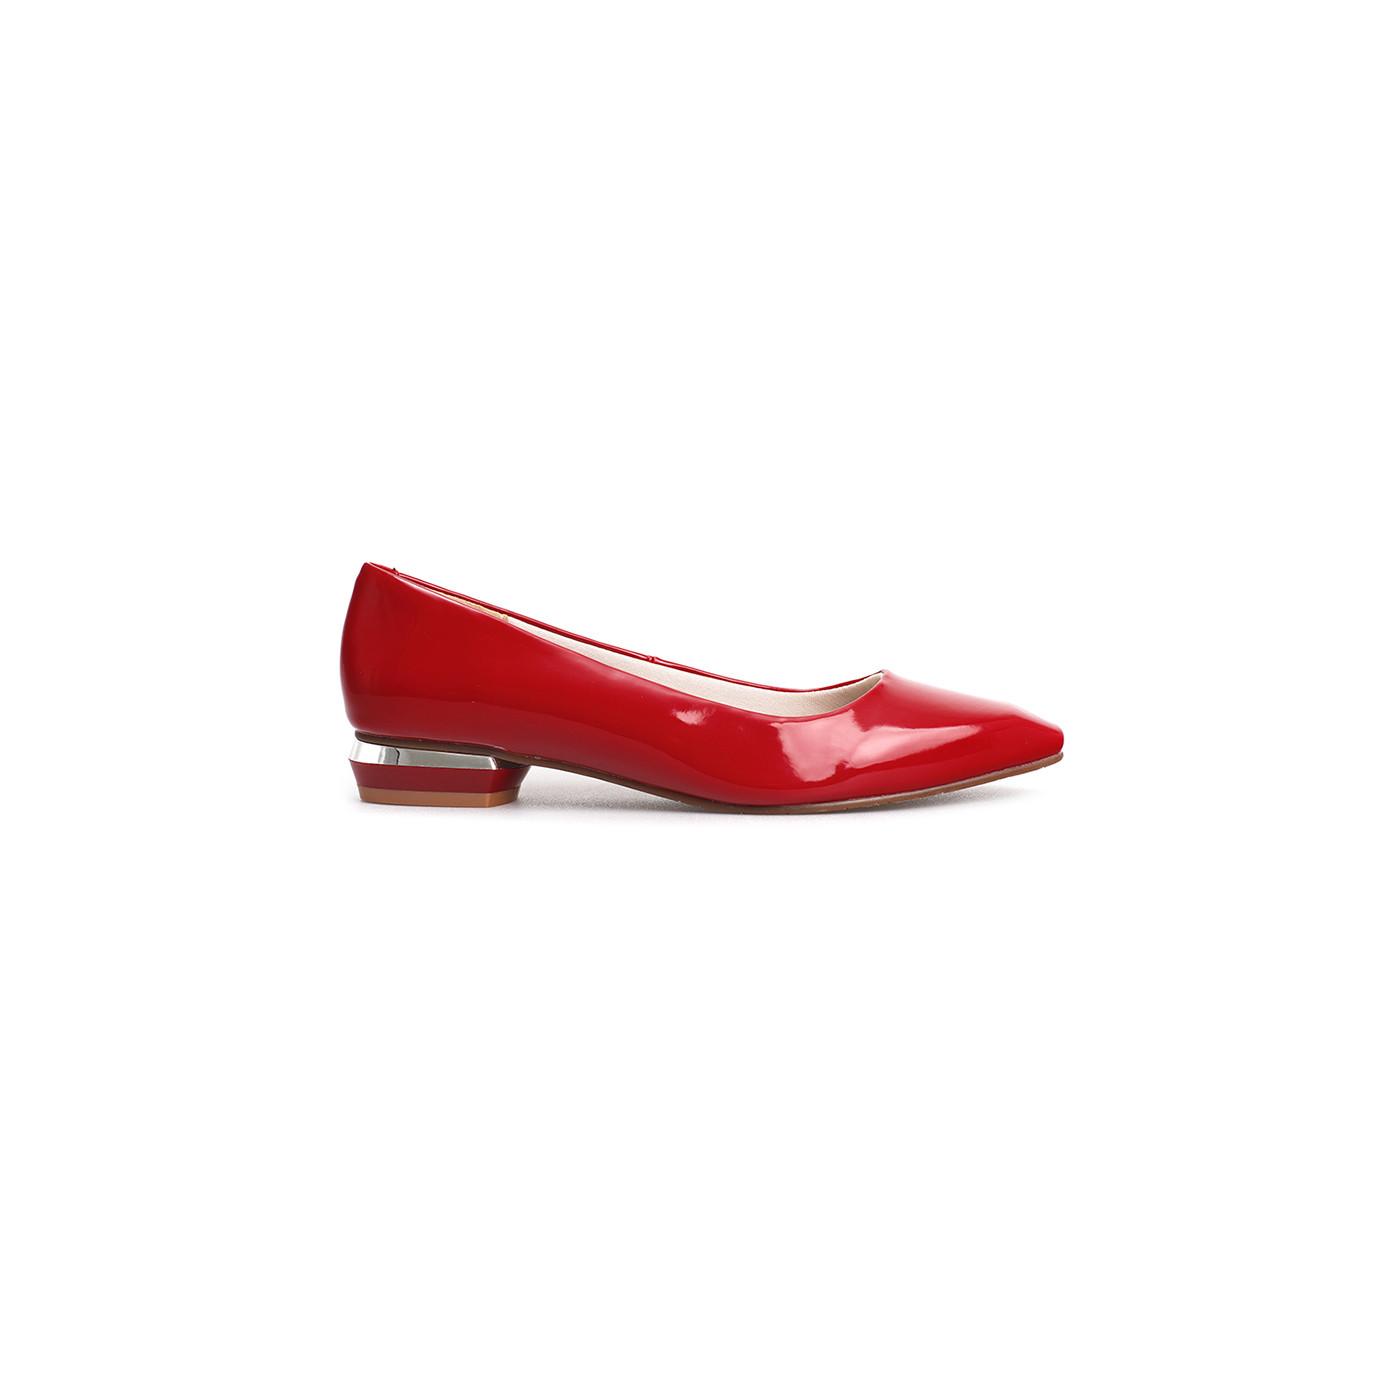 Giày Búp Bê Mũi Nhọn Nữ Da Cao Cấp Nhẹ Êm Chân Thương Hiệu PABNO - PN423